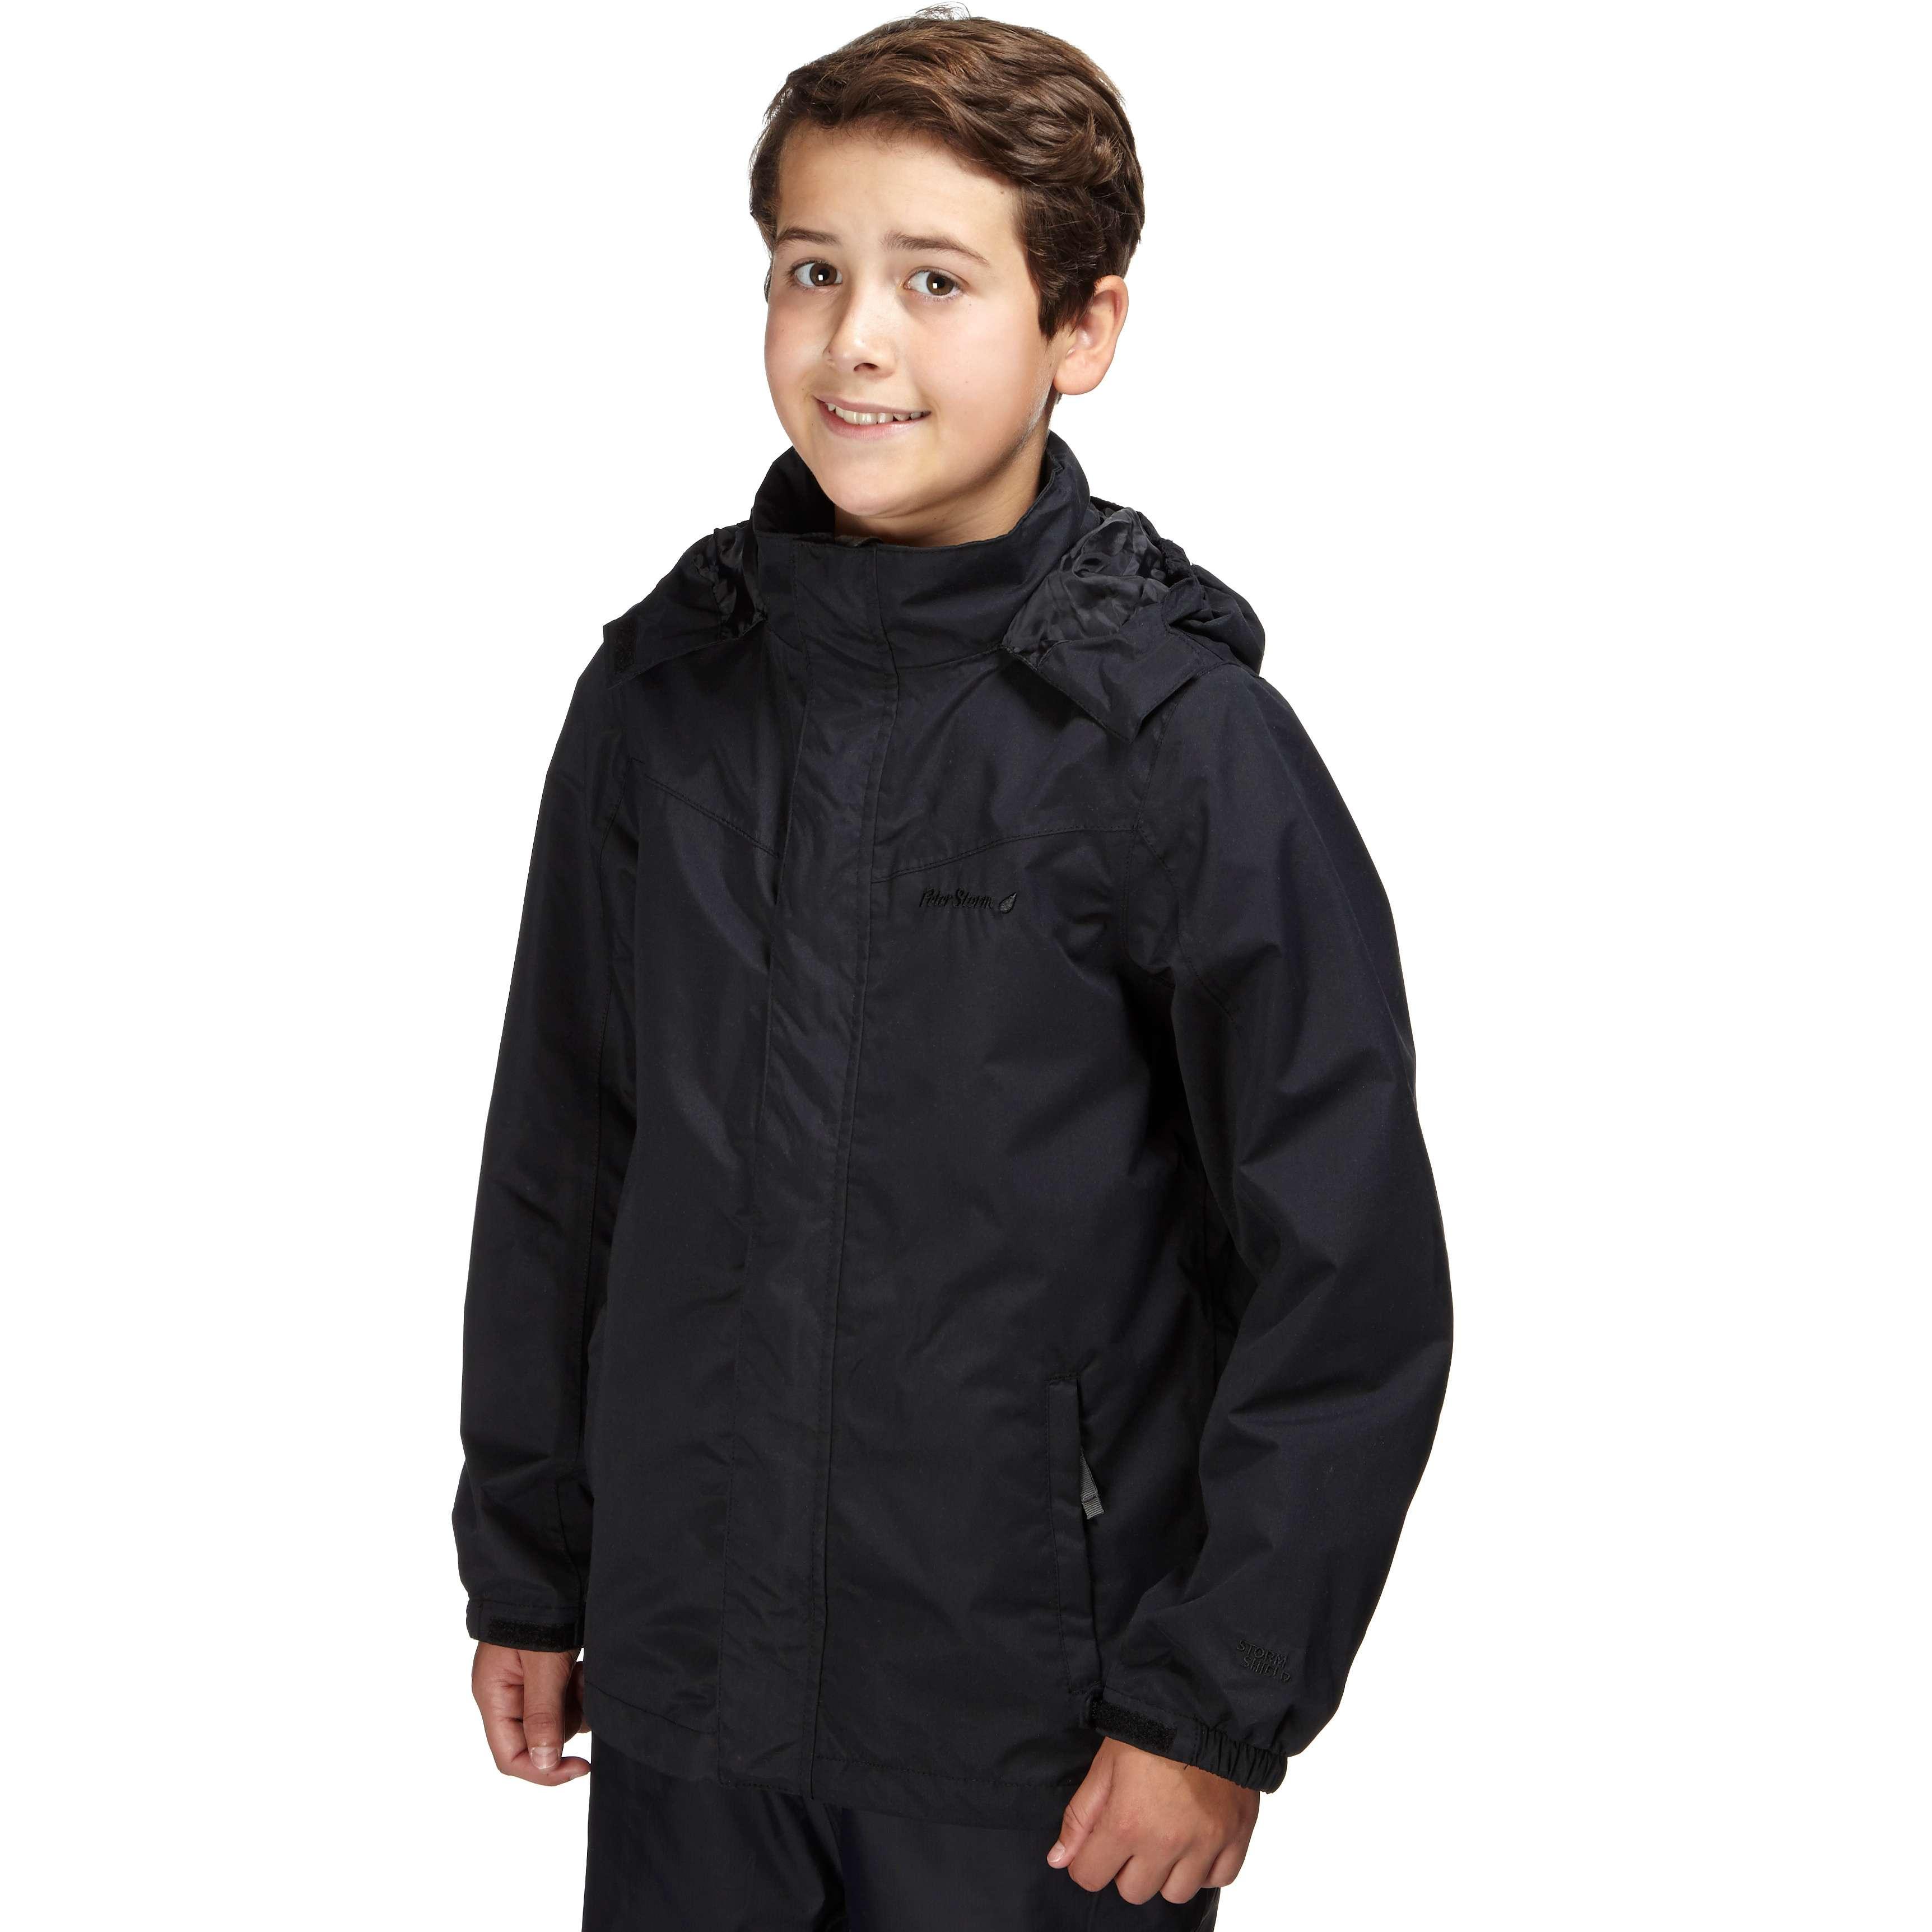 PETER STORM Boys' Waterproof Jacket